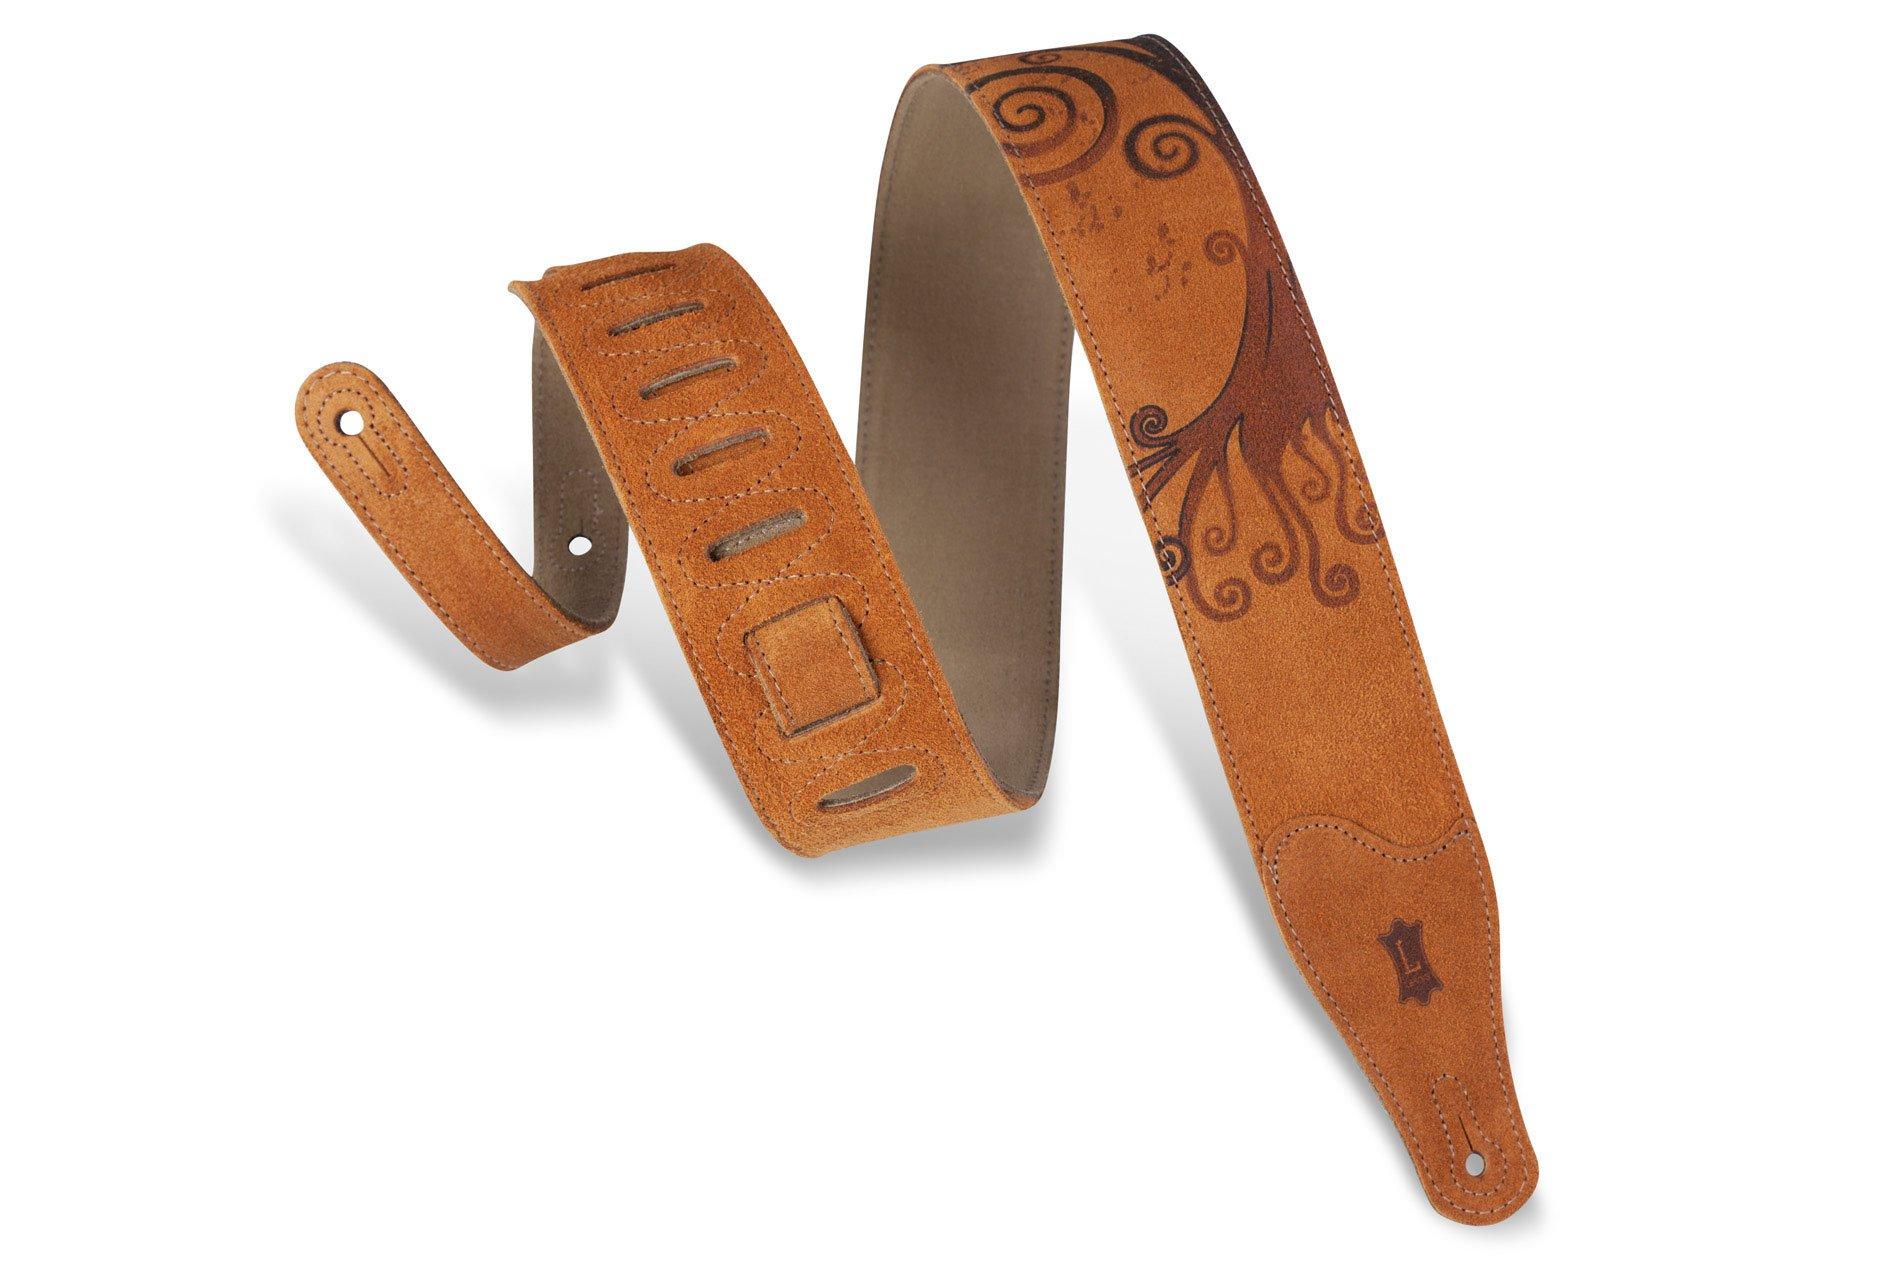 Strap - Levy's MS26COP-006 Suede Design 2 1/2